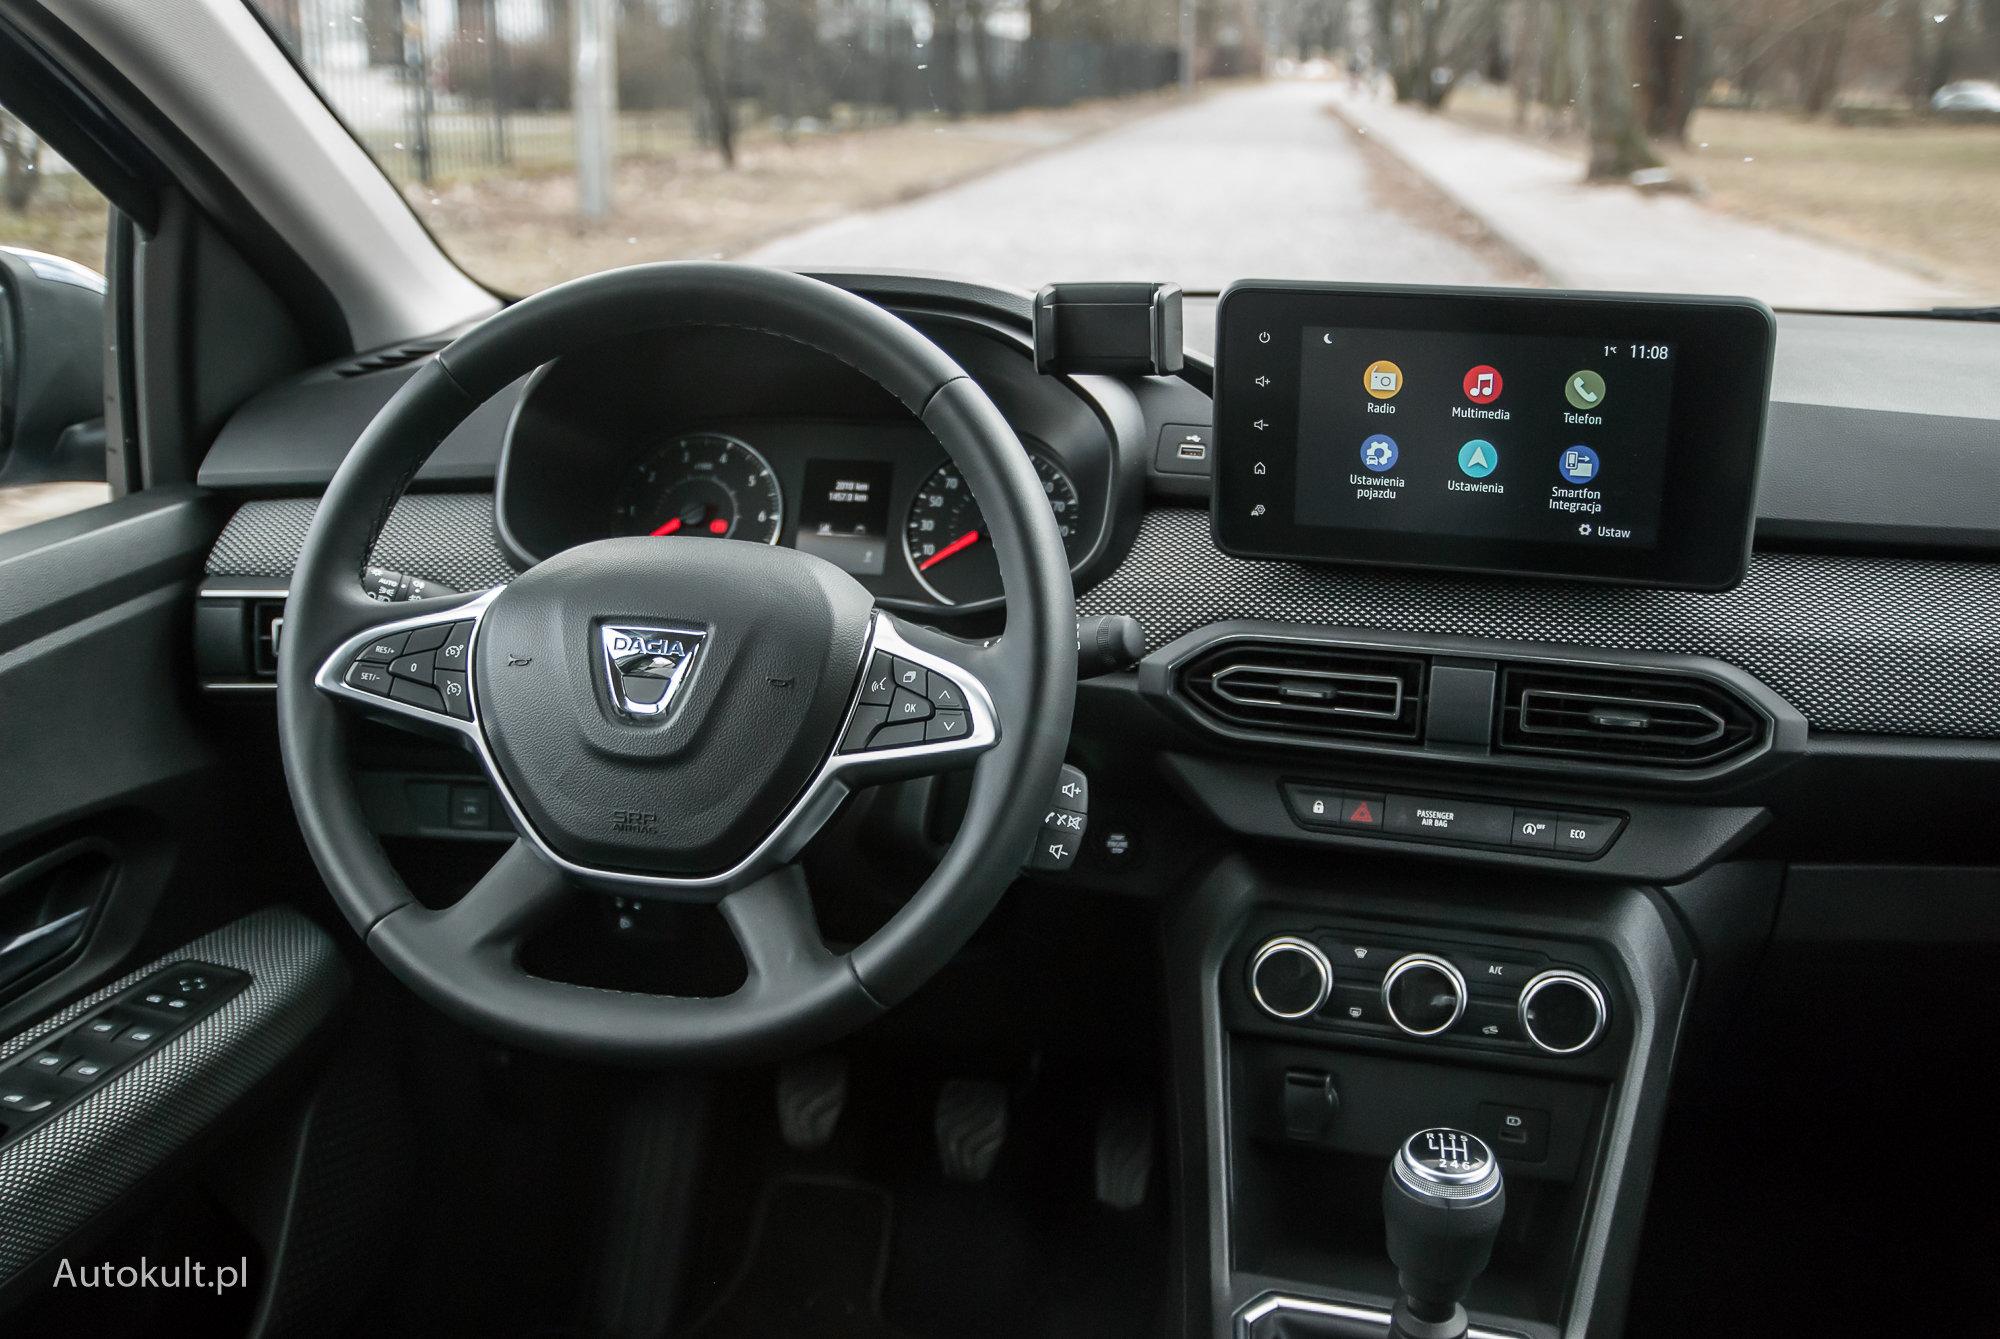 Interiorul Dacia Sandero.  Fii atent la suportul telefonului.